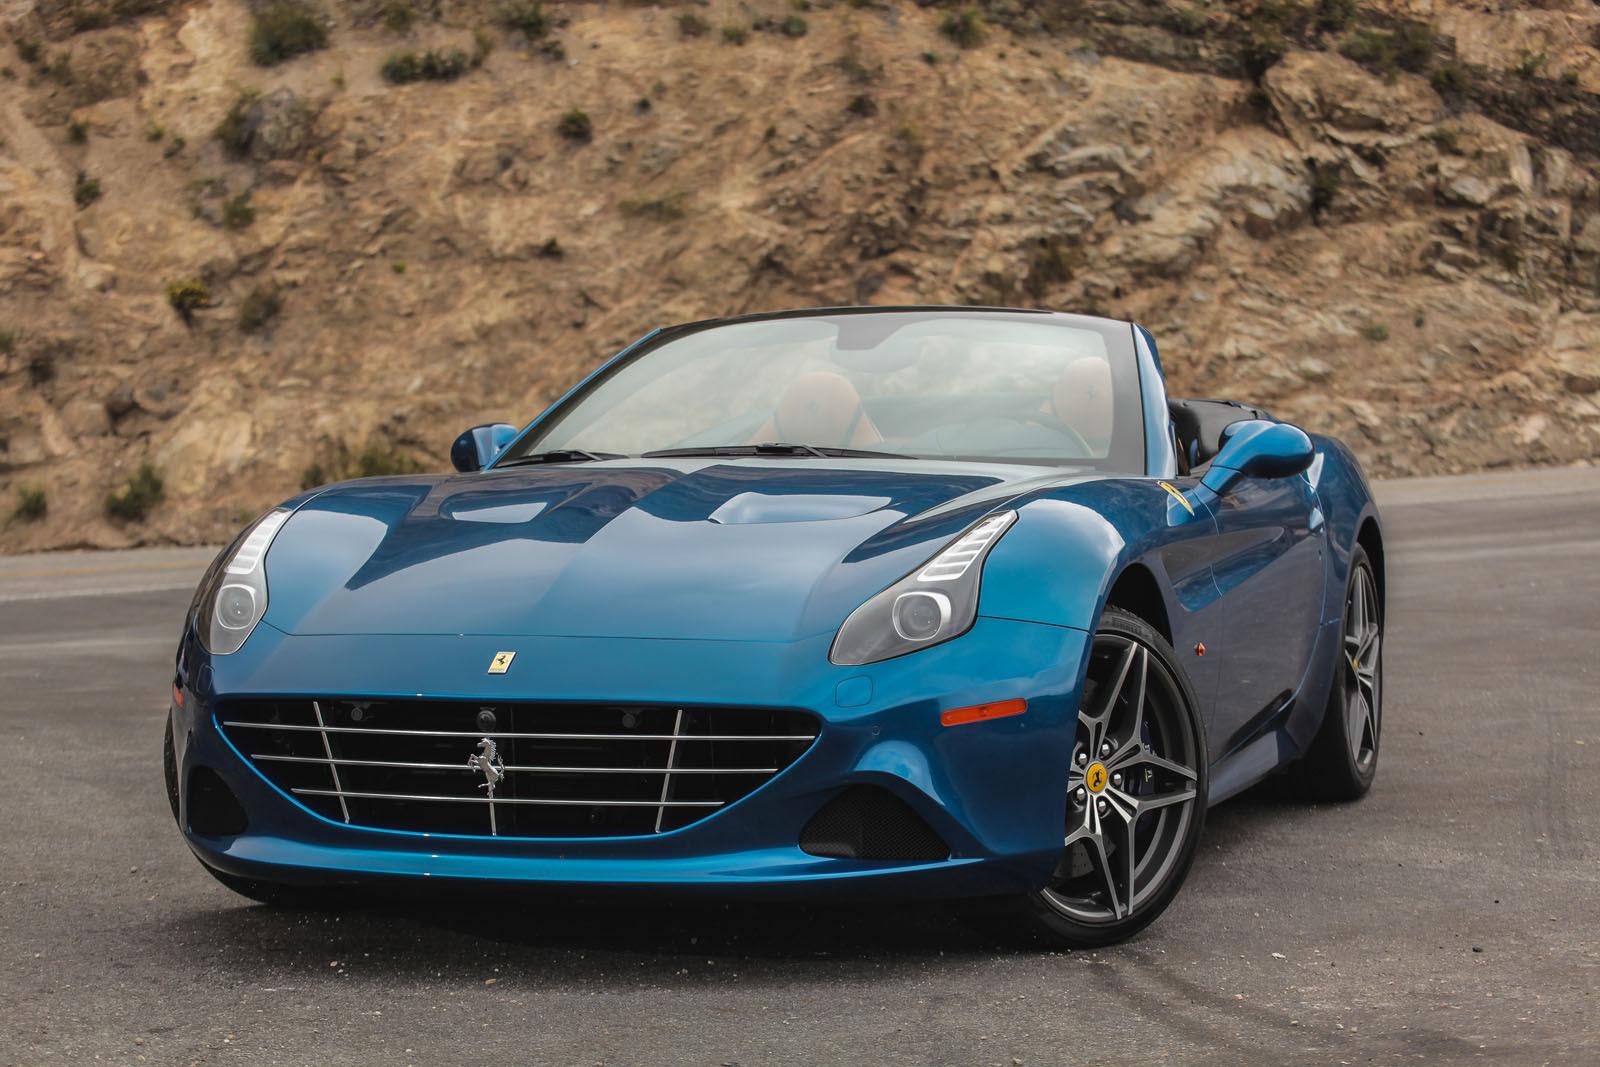 2015 Ferrari California T Review - AutoGuide.com News